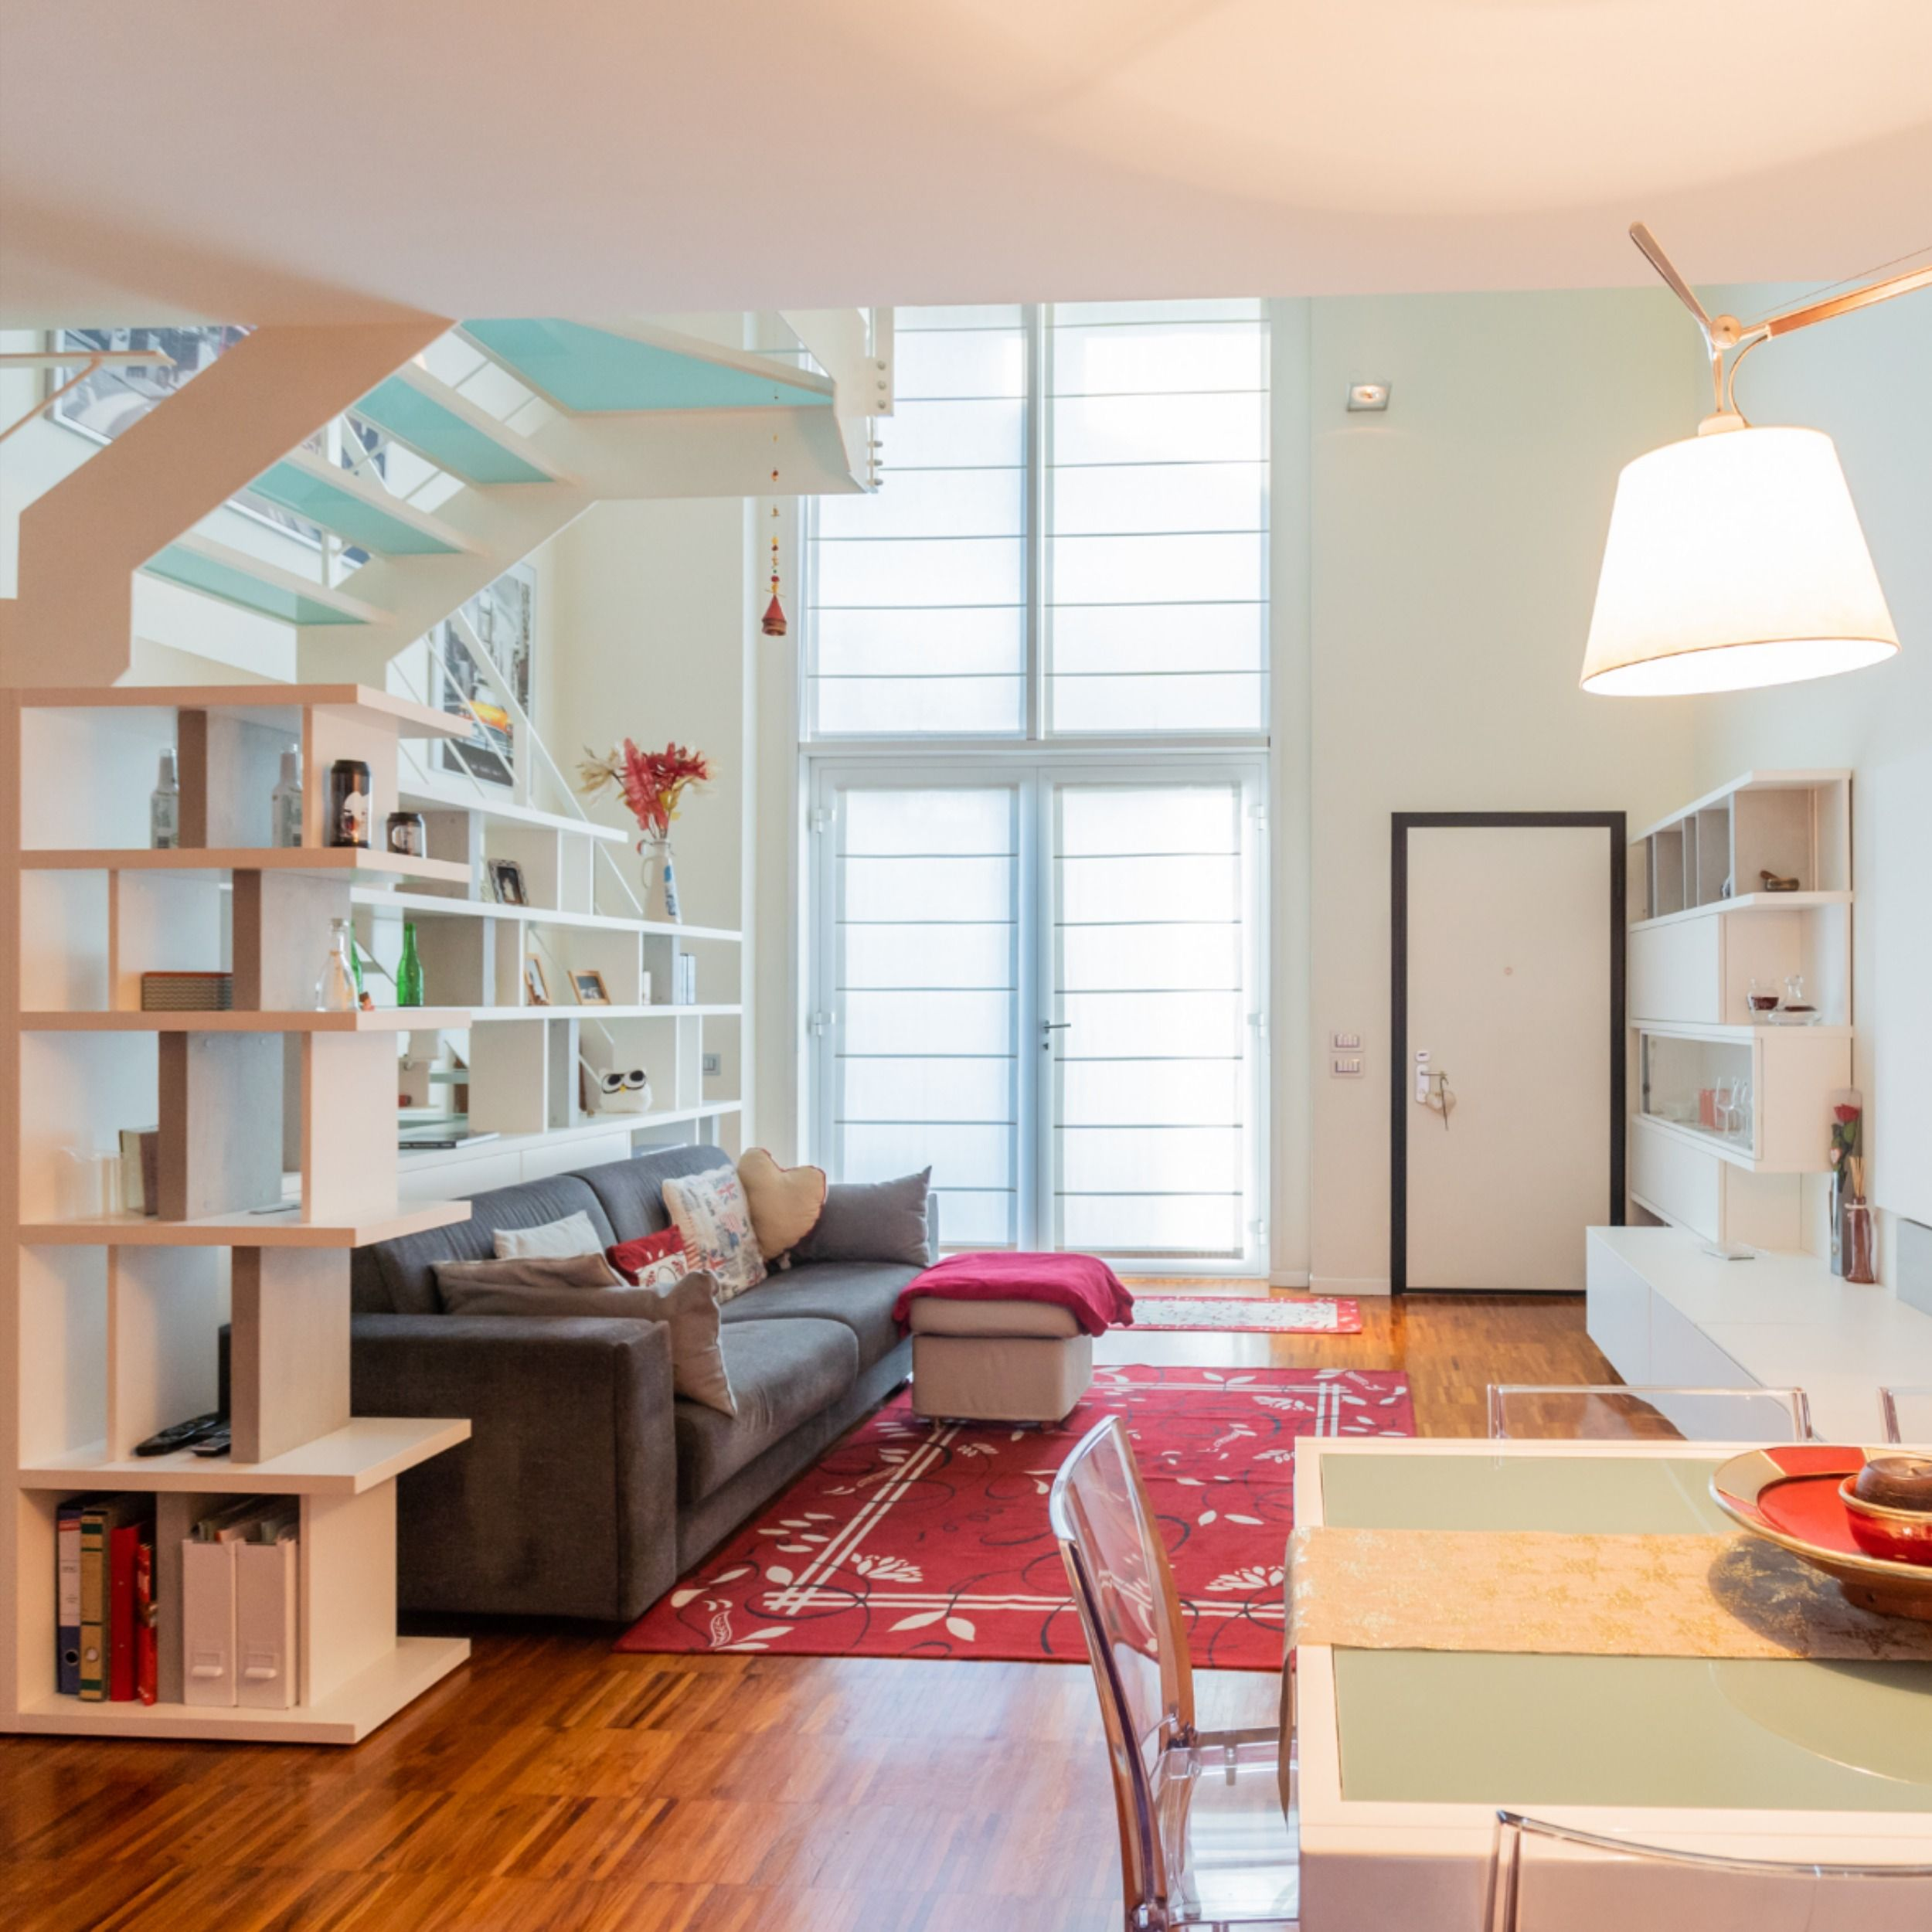 Brugherio Vendita Appartamento Con Giardino Nel 2020 Con Immagini